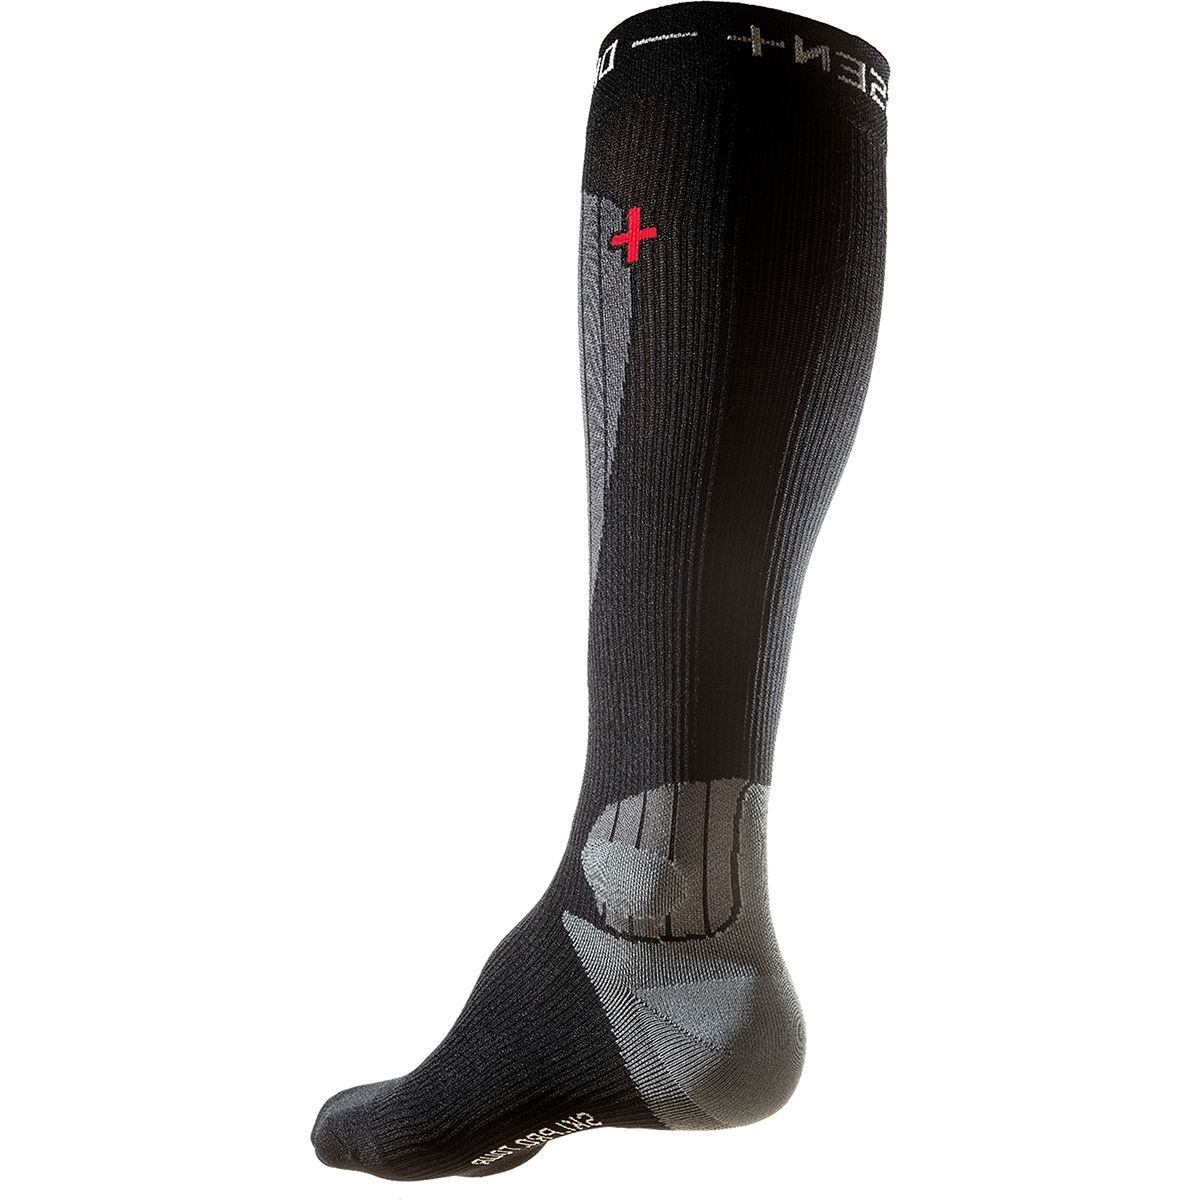 Dissent Ski Pro Fit Thin Nano Tour Compression Sock - Men's